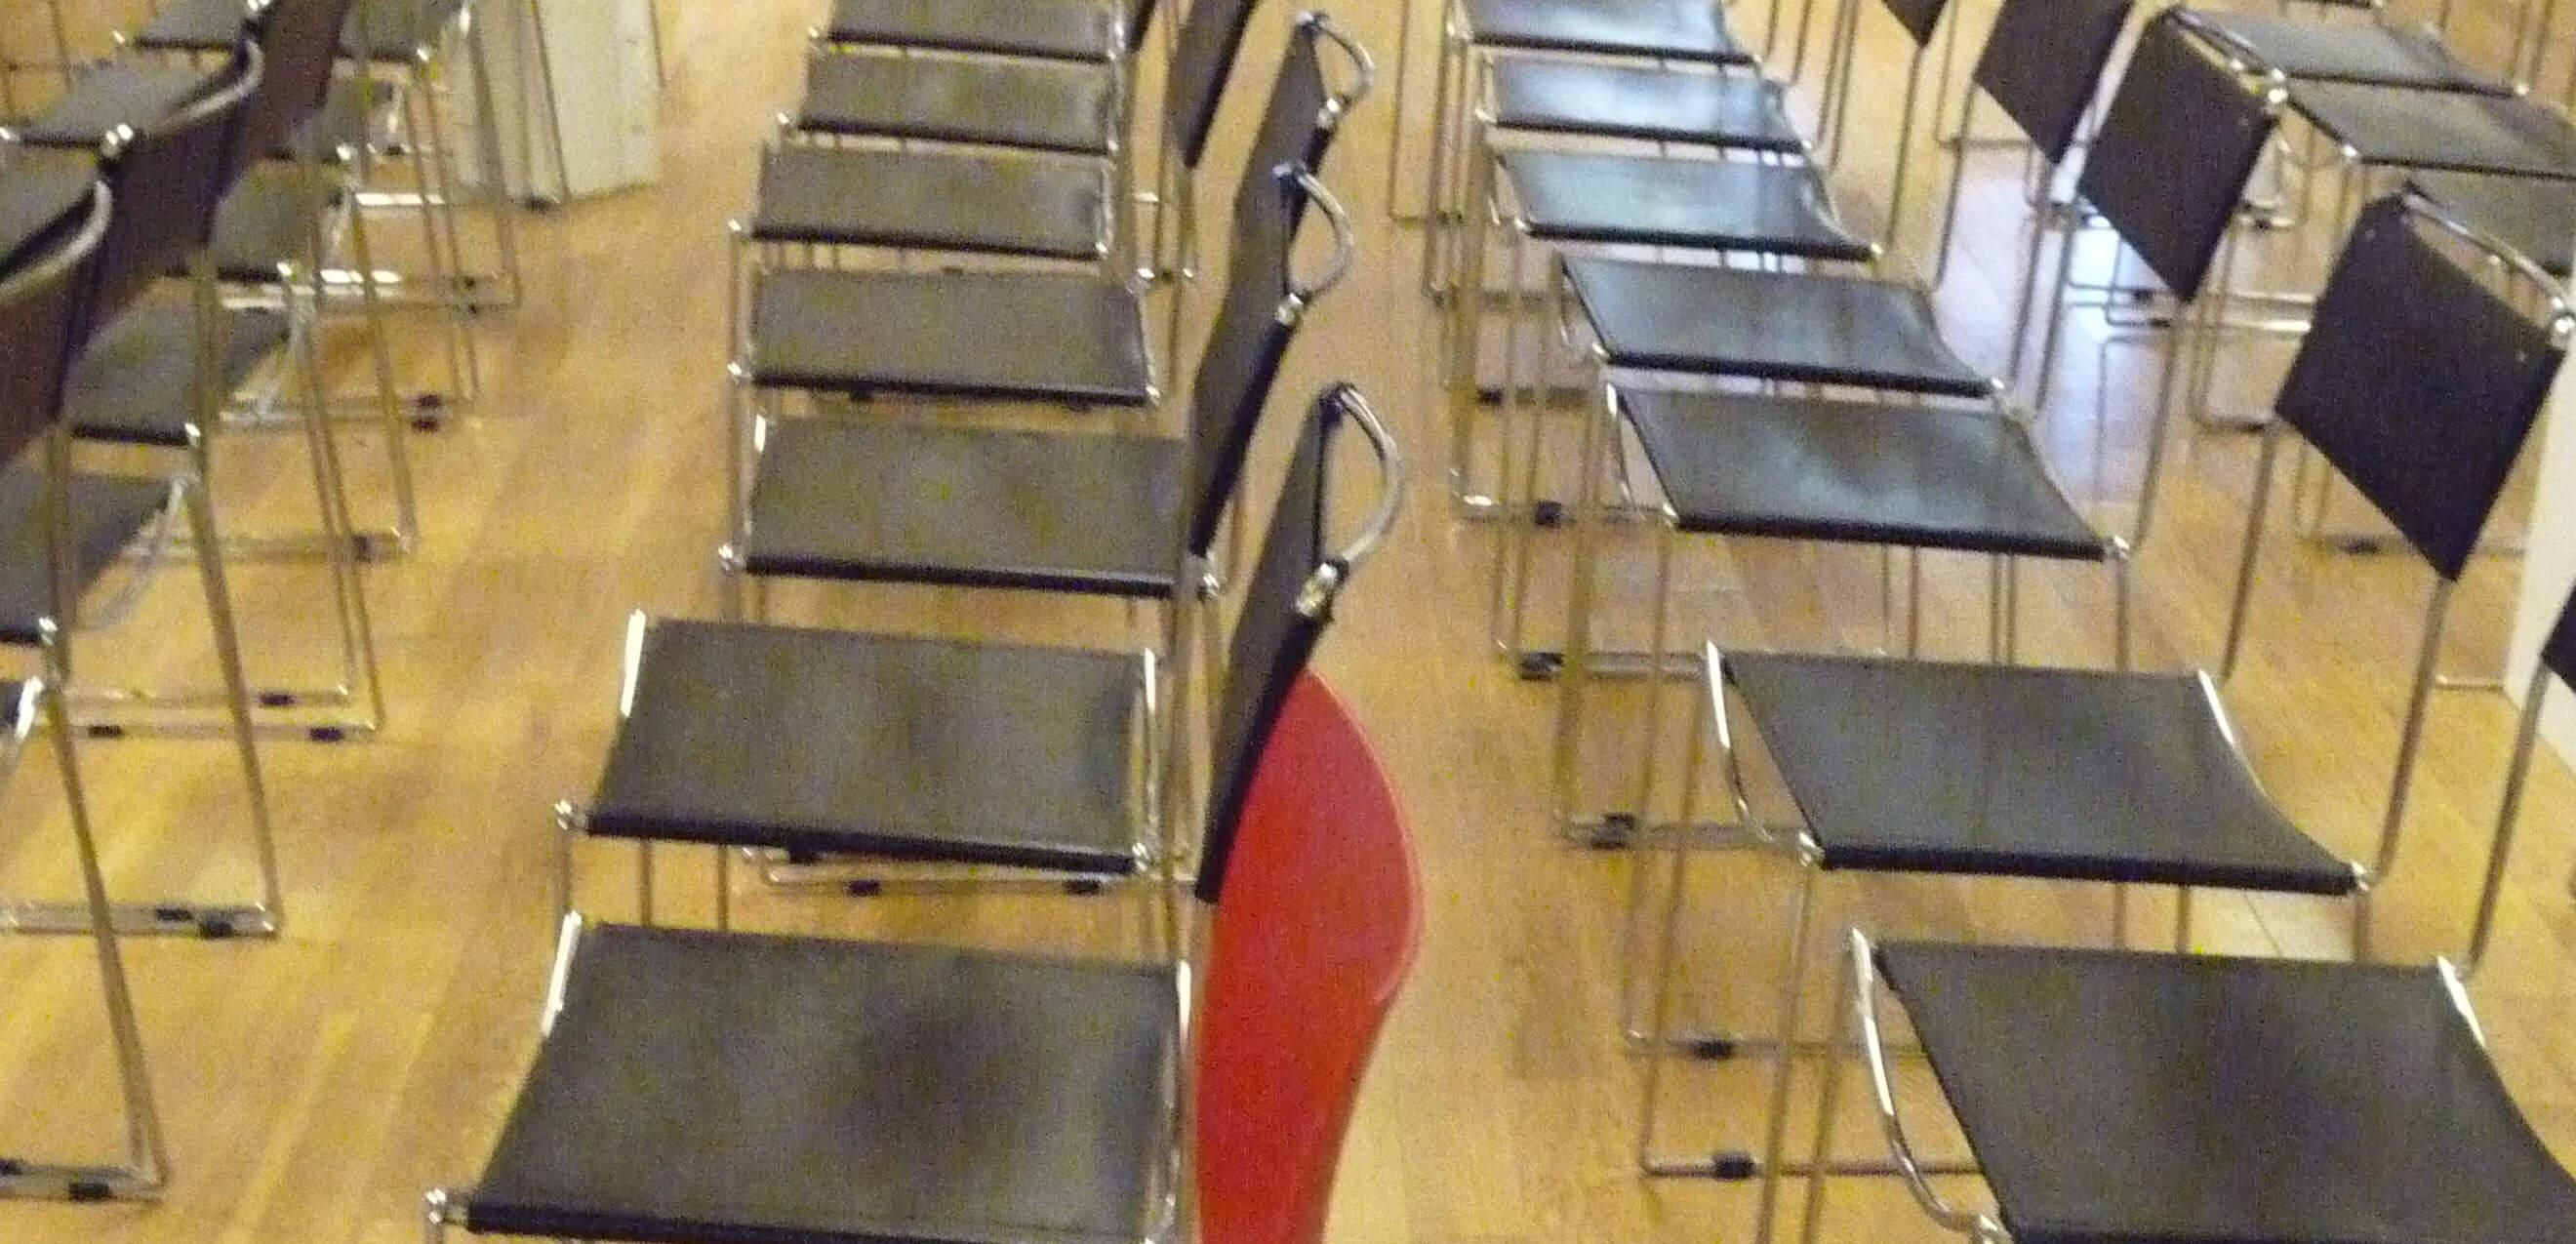 Der Rote Stuhl im Arbeitsleben